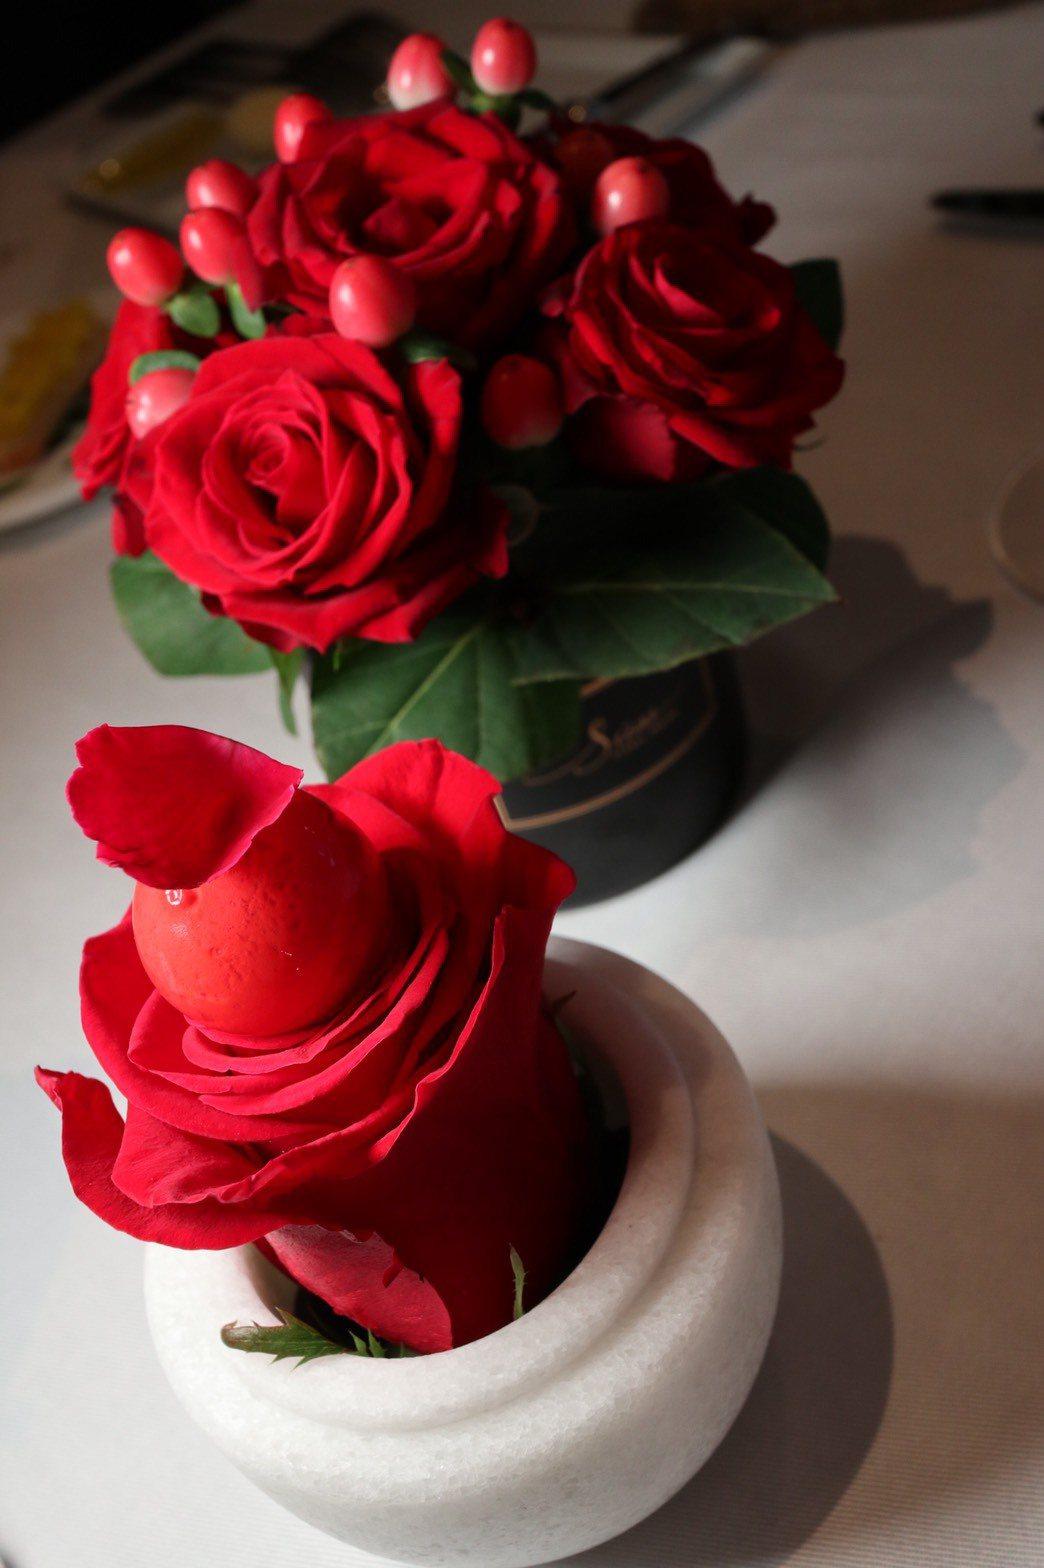 將法國經典甜點巴巴露亞(Bavarois)著重於水果香氣的特色重現,製成〈覆盆子...